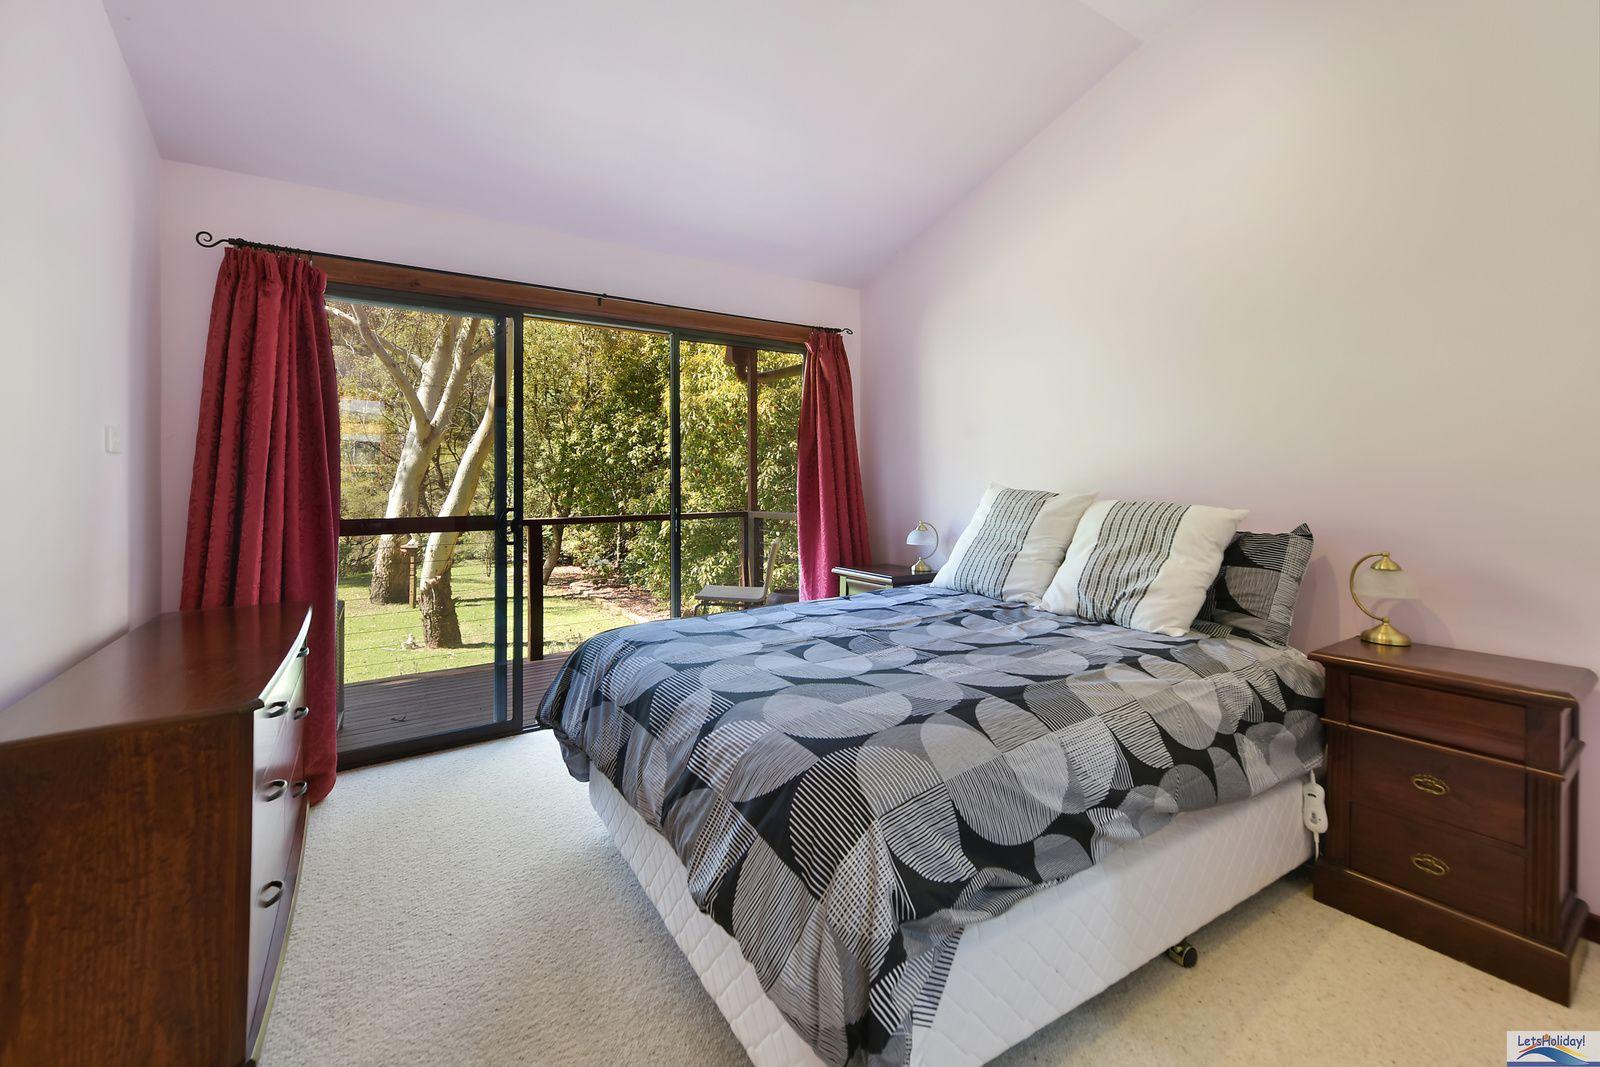 42-48 Carlton Street Katoomba 2780